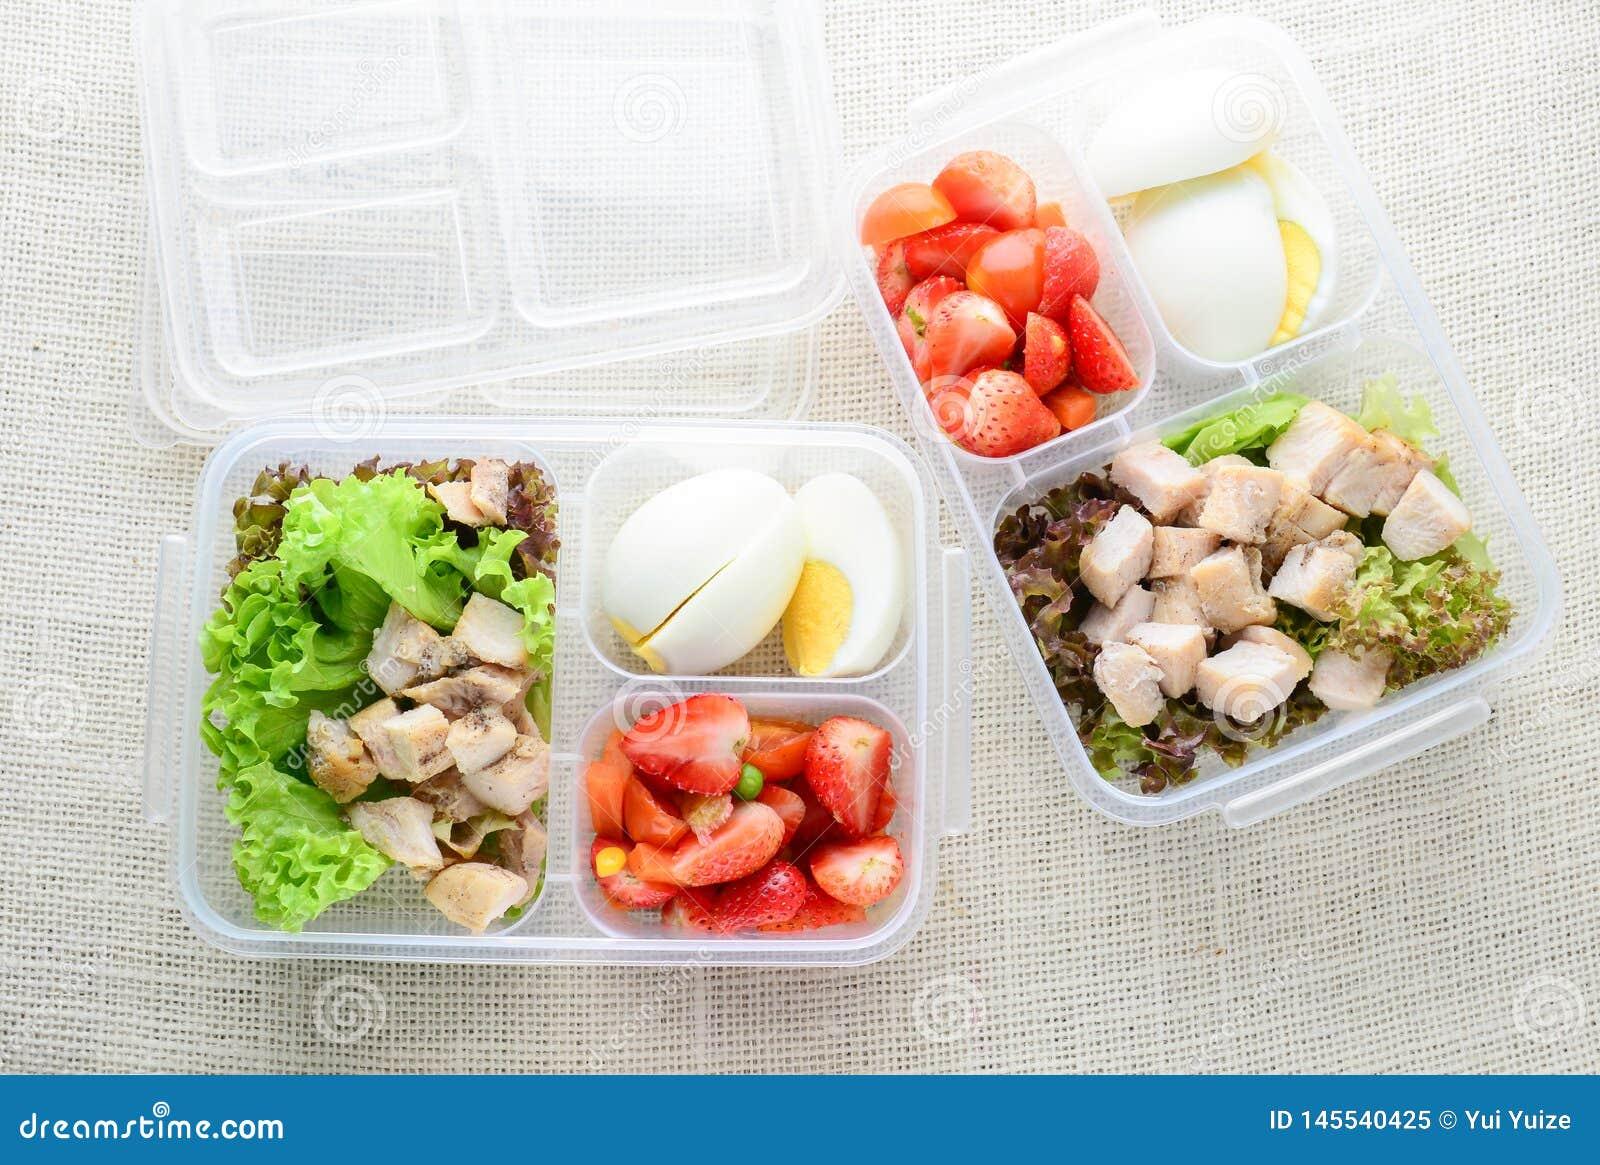 Alimentos saudáveis e limpos em uma caixa